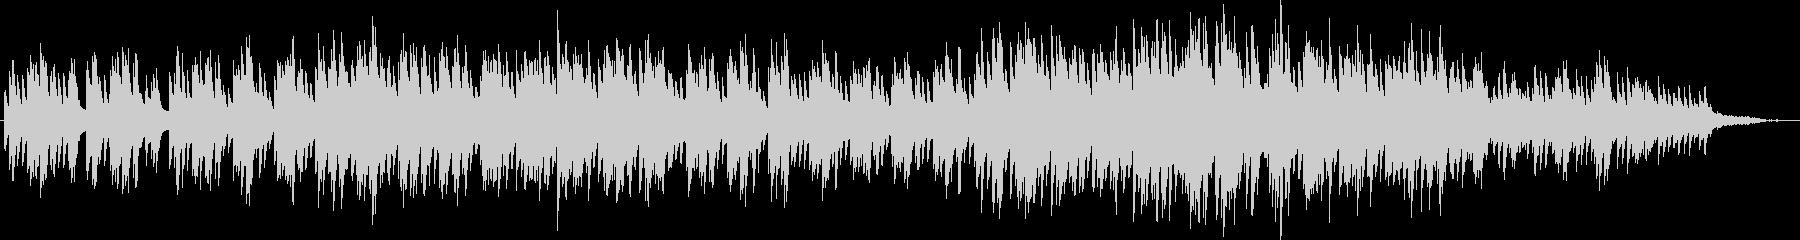 神秘的・サスペンス的なピアノソロの未再生の波形